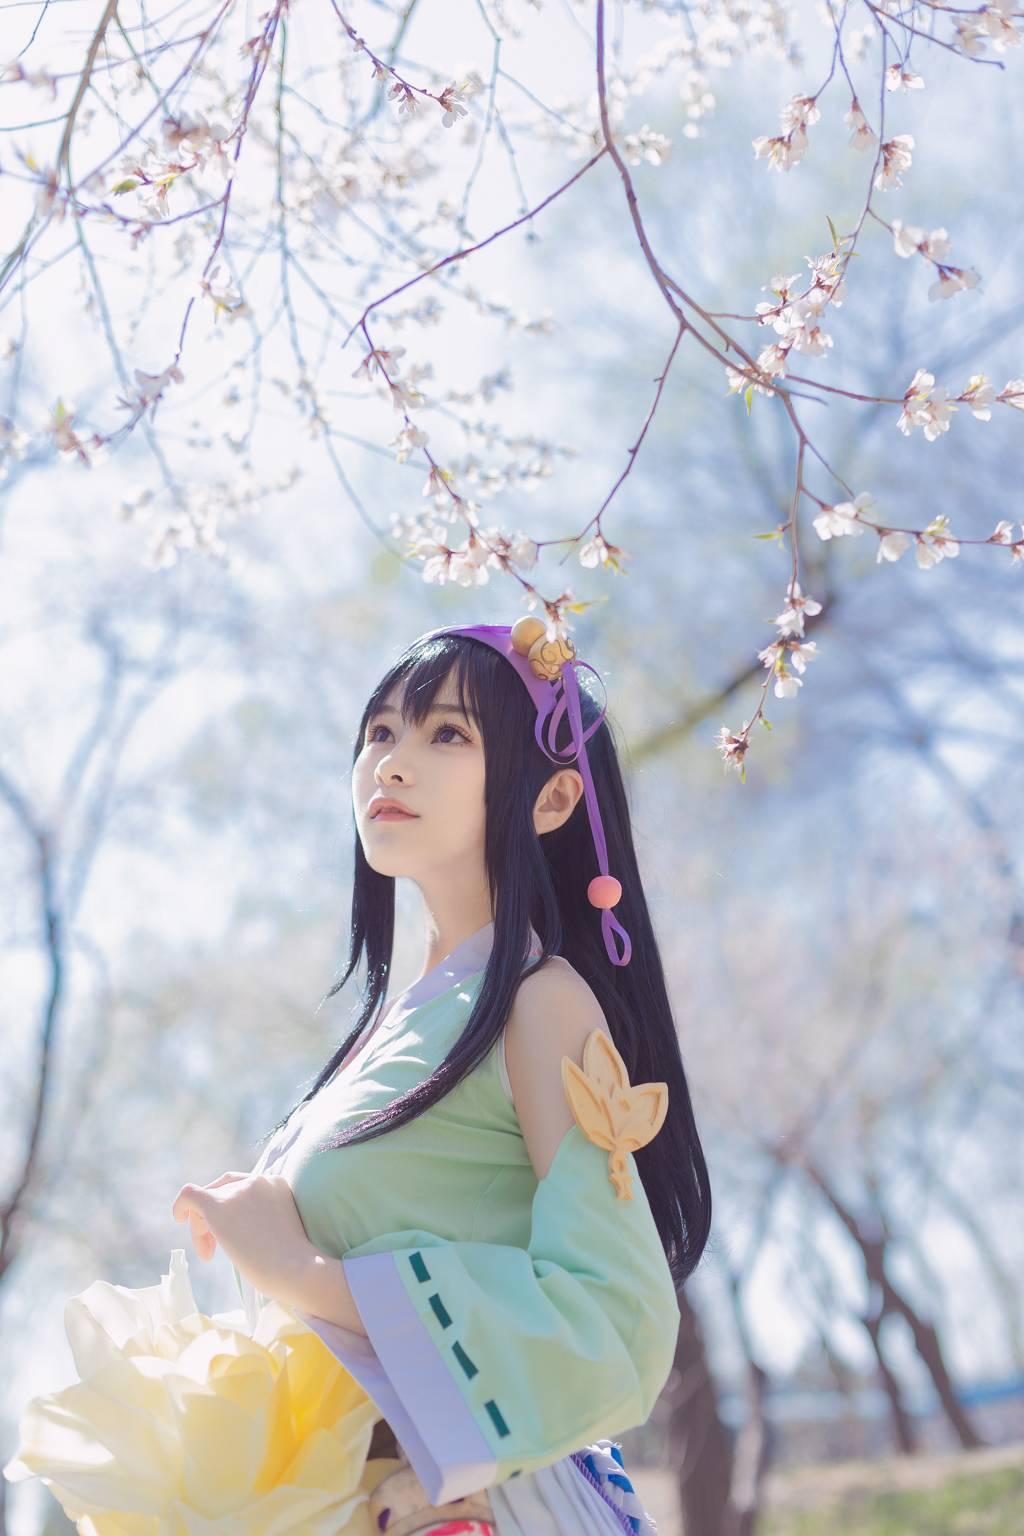 游戏cosplay【CN:水晶雪梨汁_雪梨】-第2张